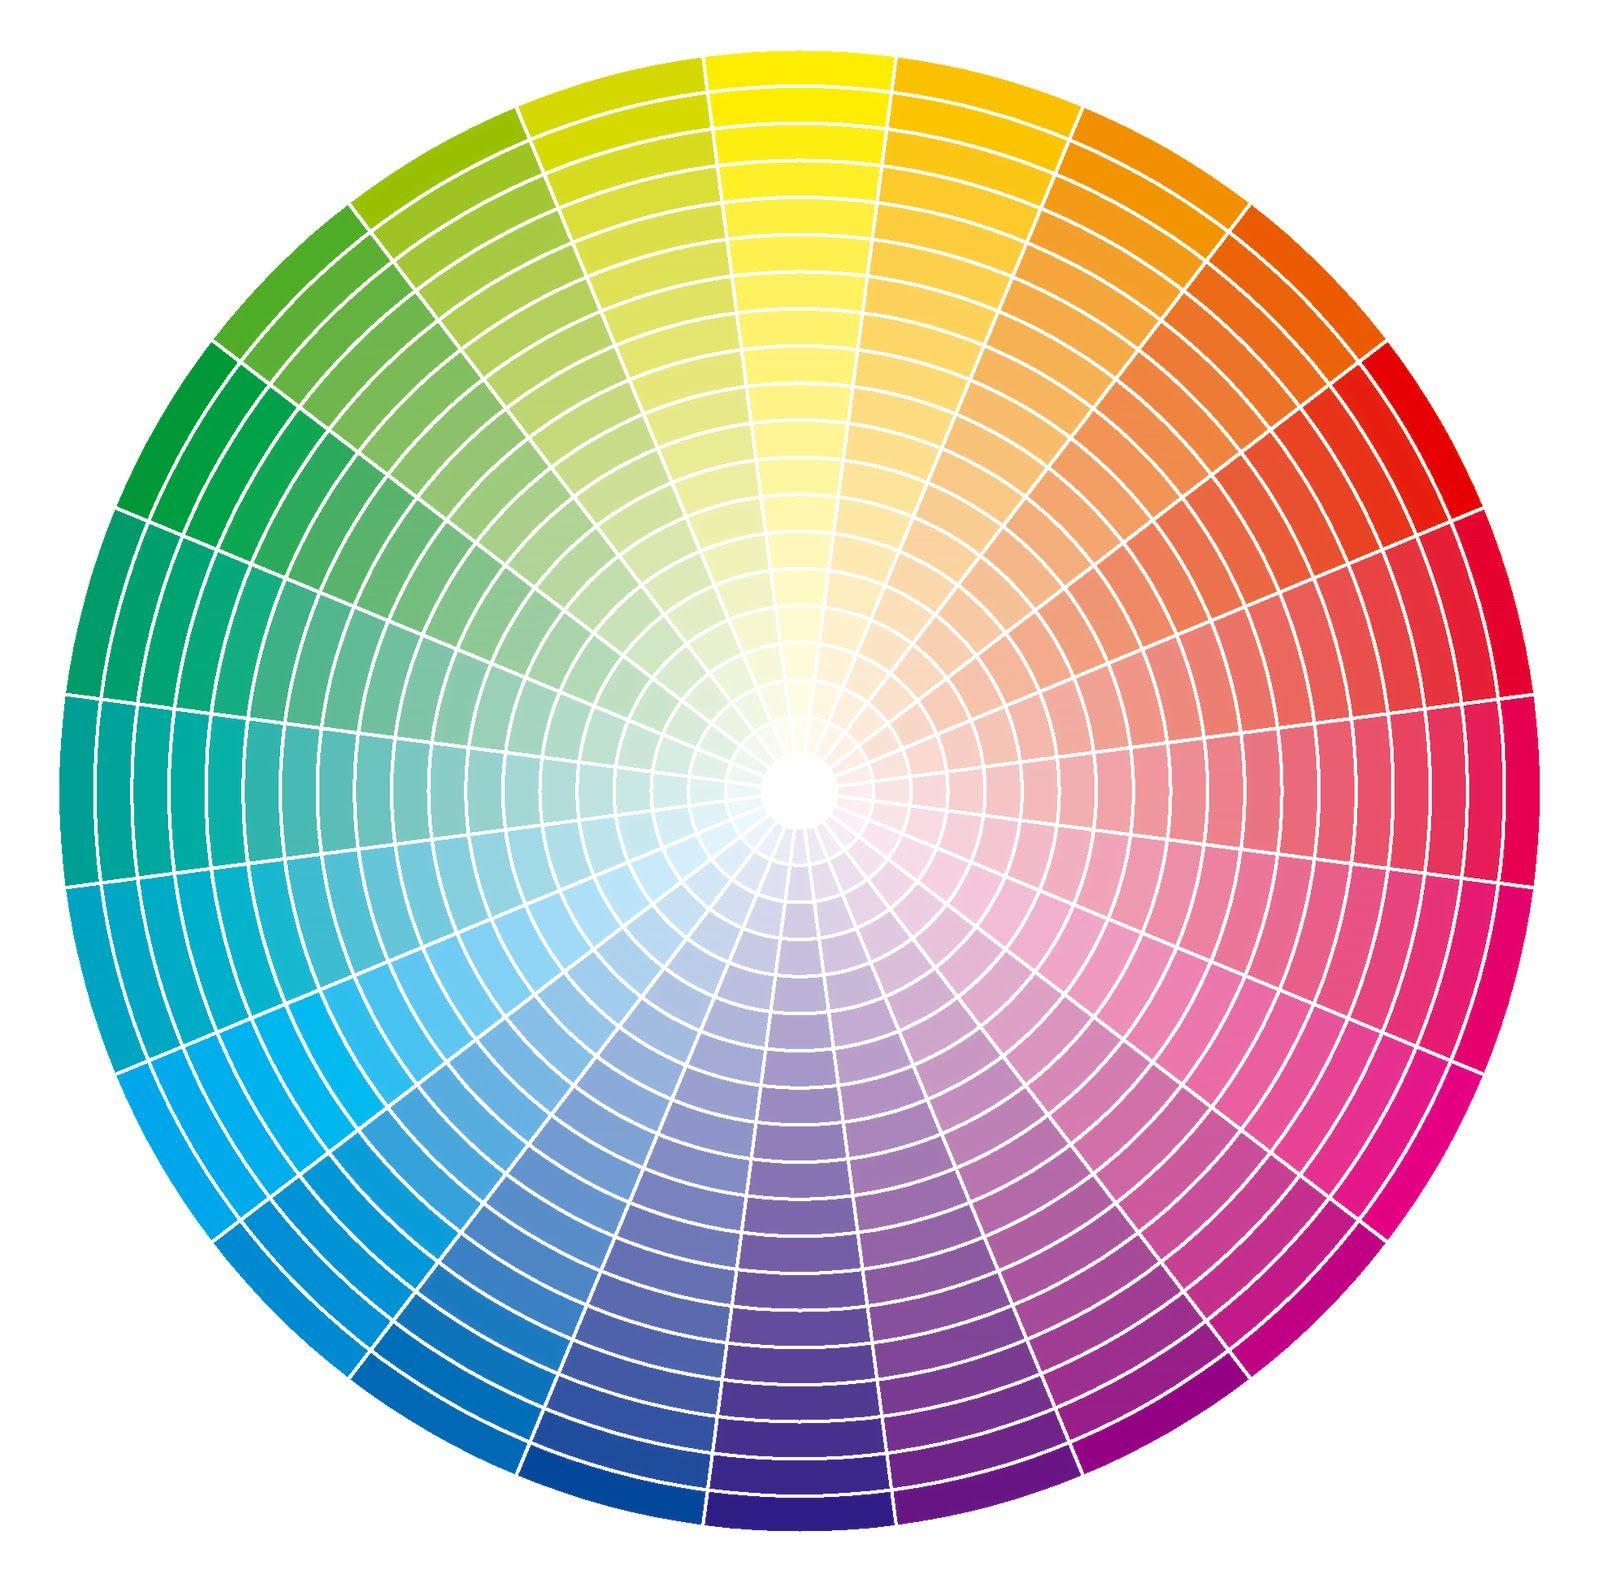 Circulo cromatico completo grande pesquisa google paletas de color en 2019 pinterest - Paleta cromatica de colores ...